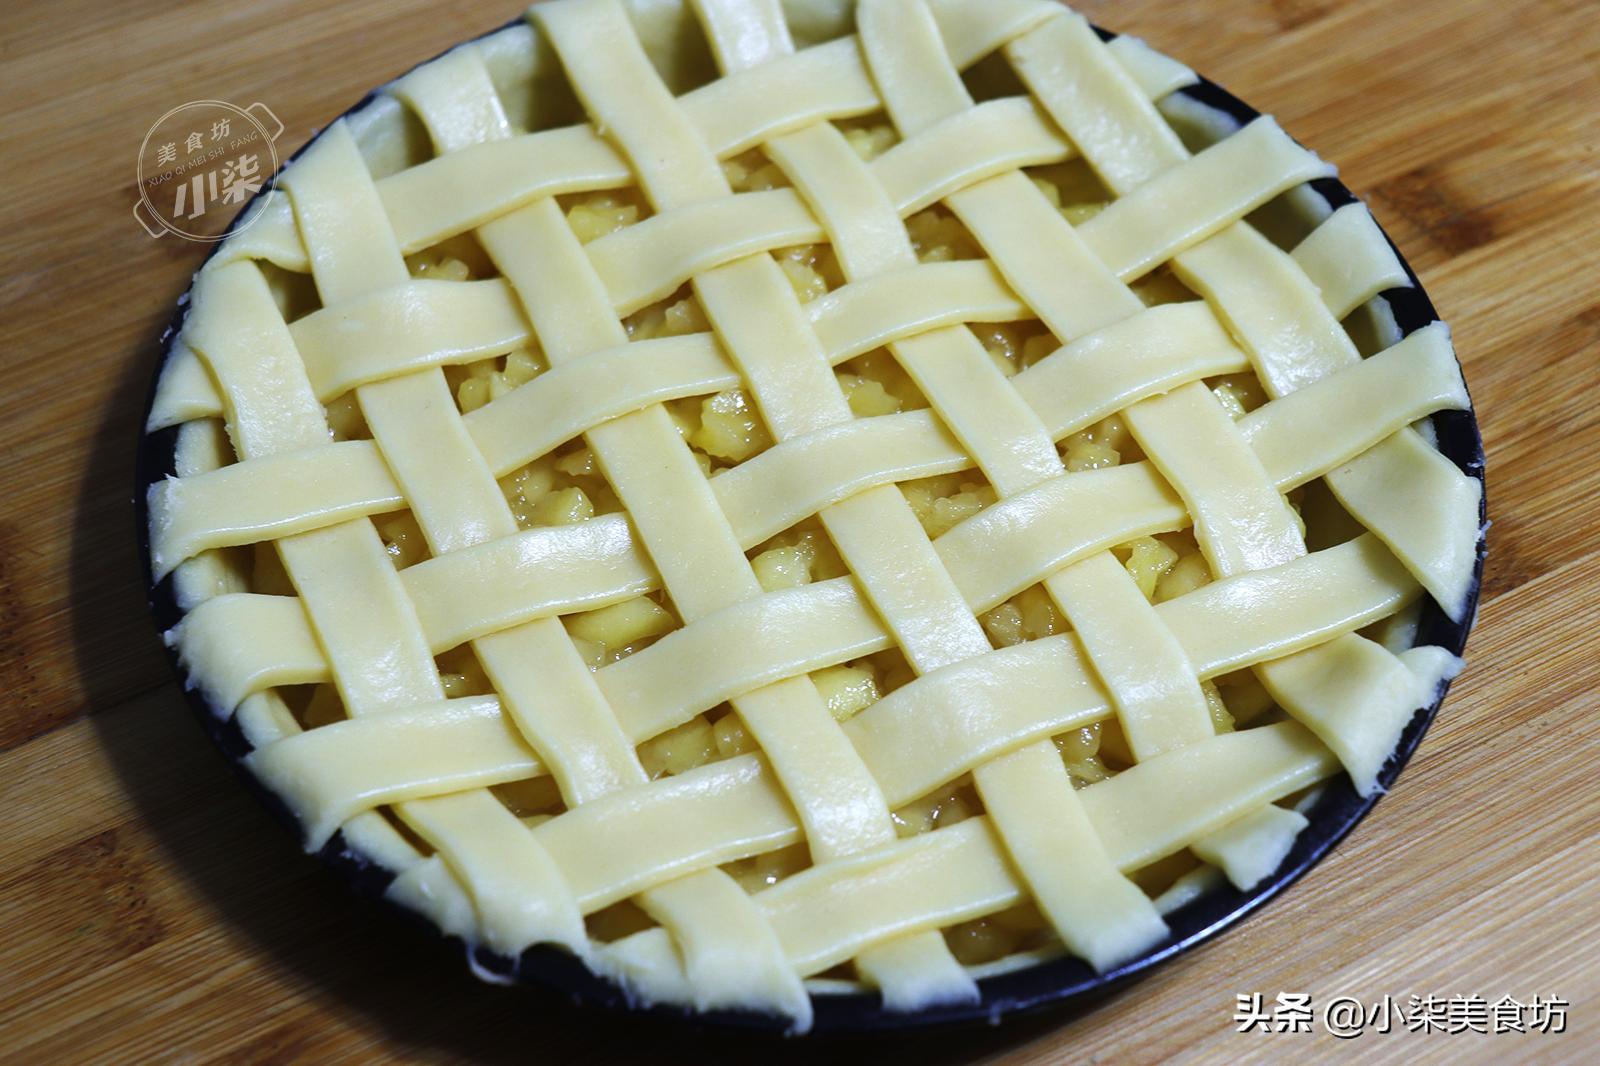 家裡蘋果吃不完,加一碗麵粉做蘋果派,甜而不膩,大人小孩都愛吃